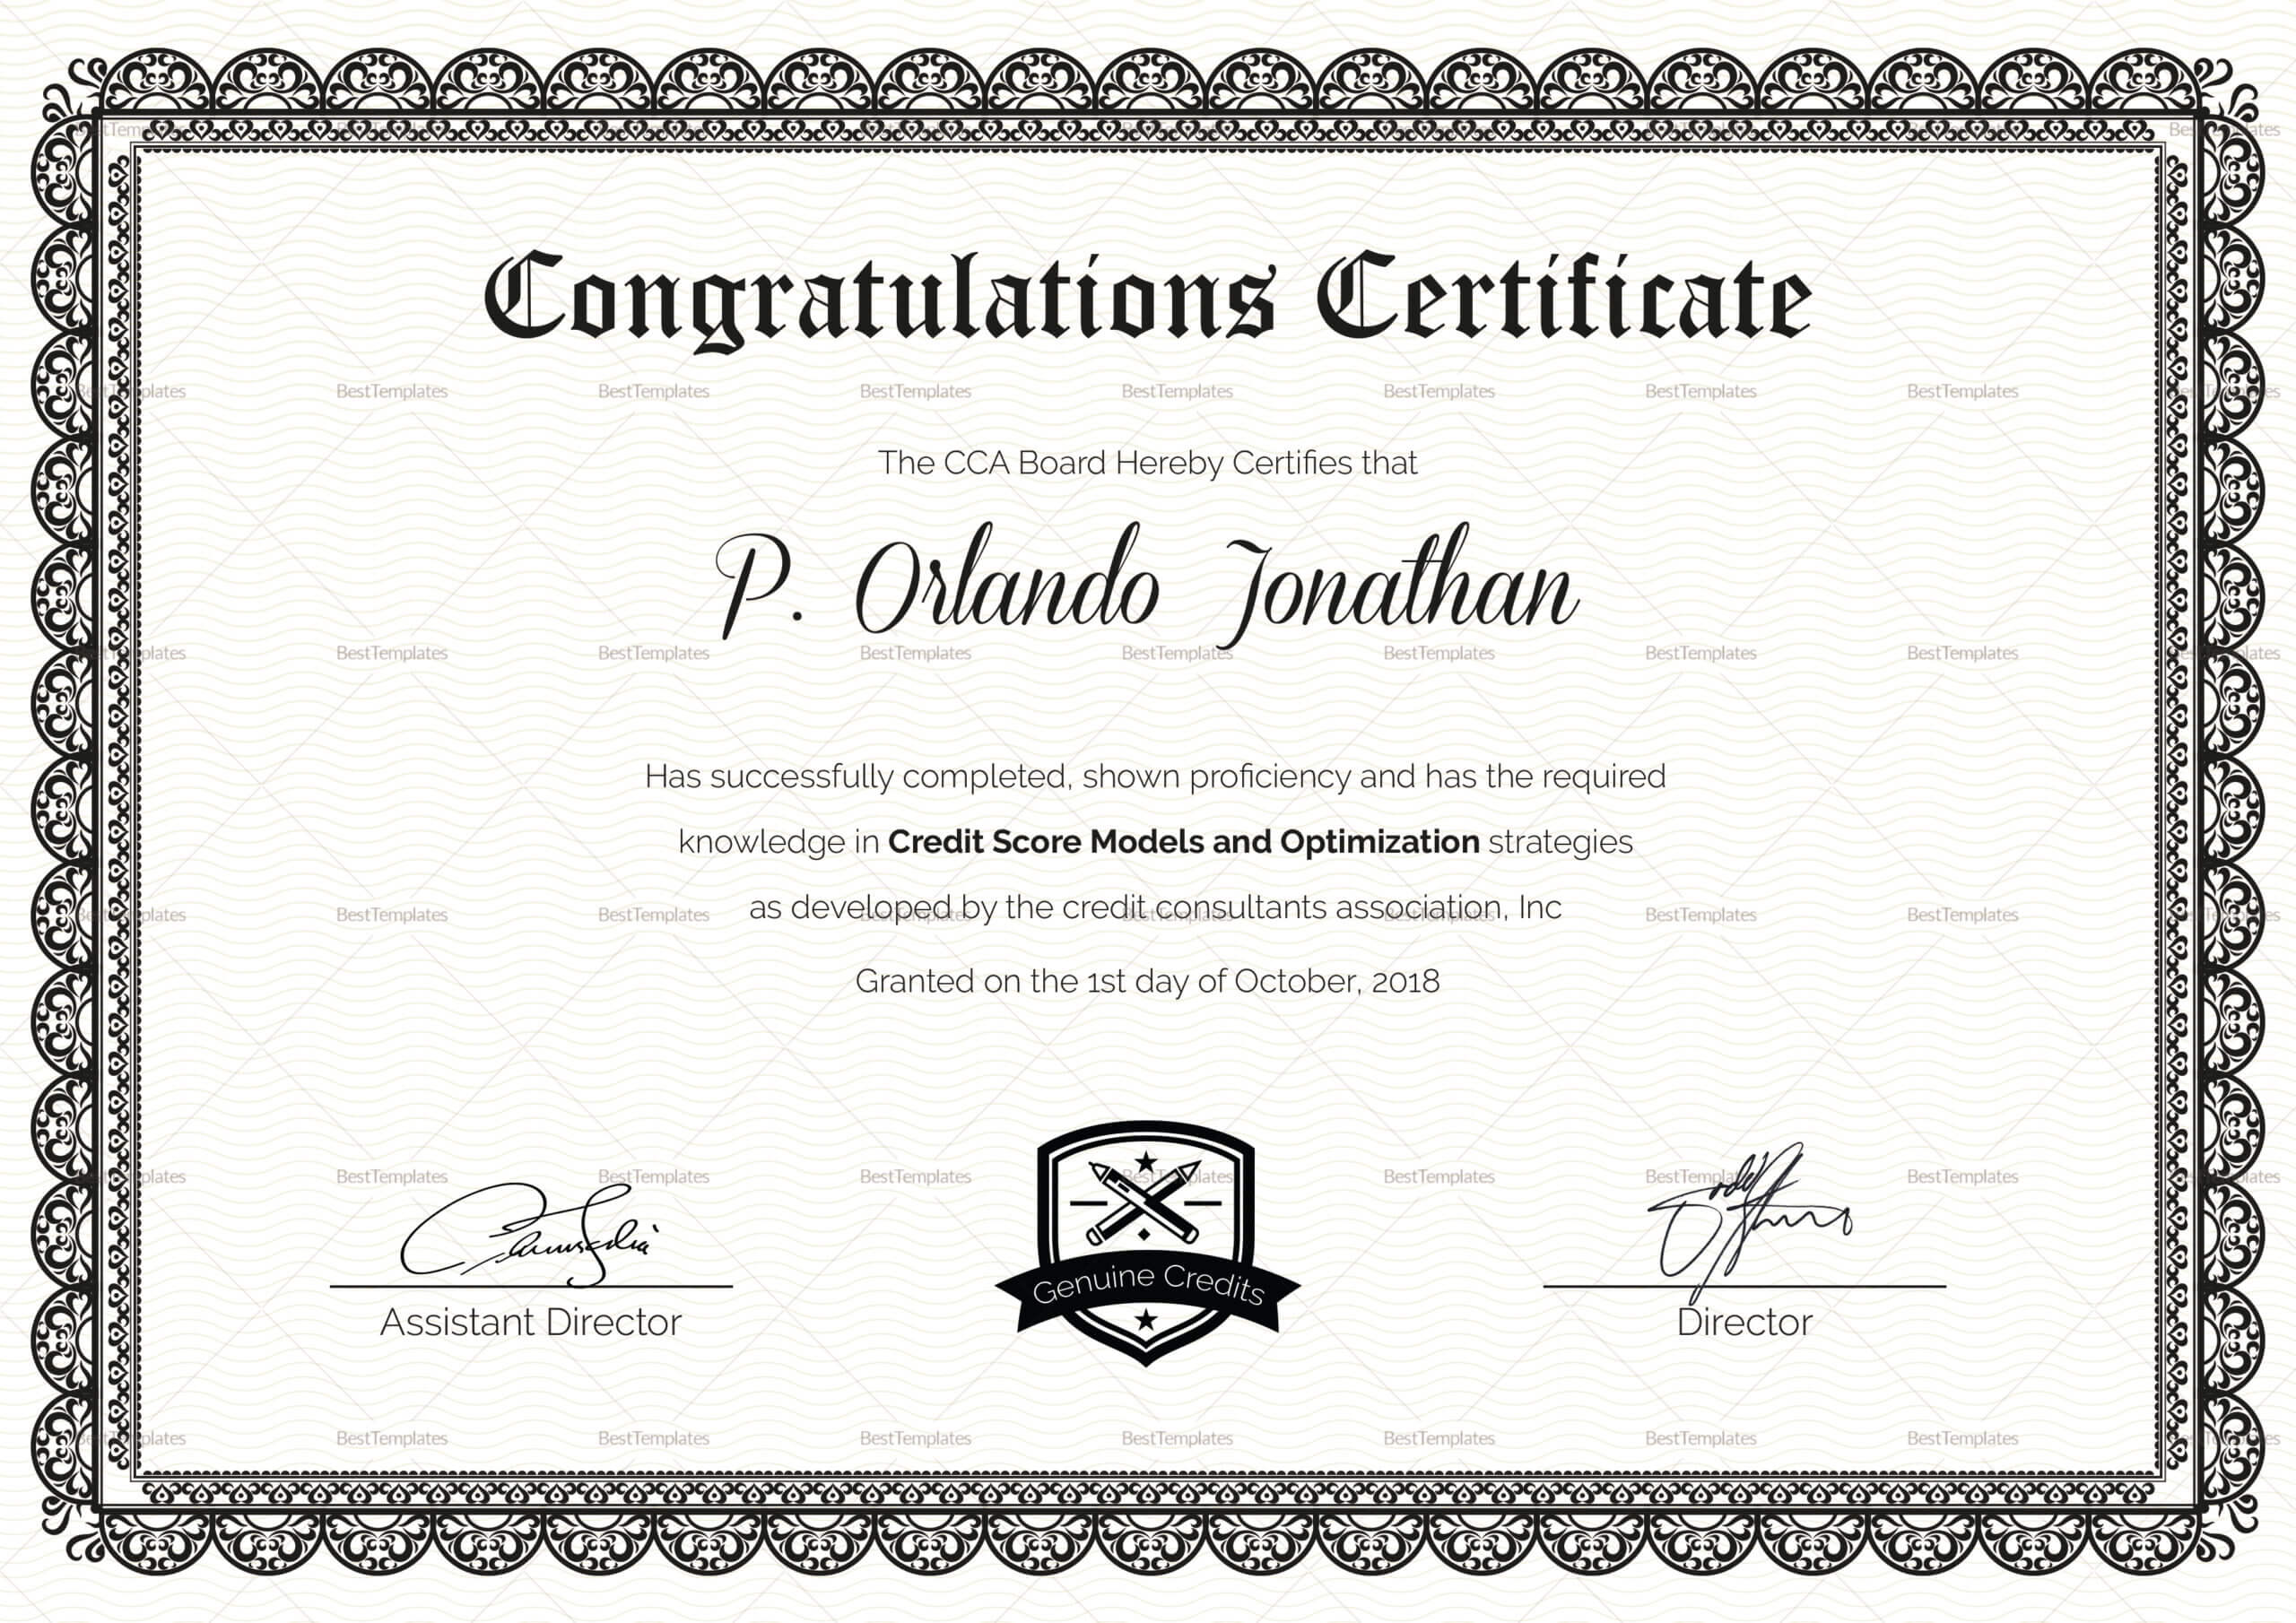 Congratulations Certificate Template In Congratulations Certificate Word Template